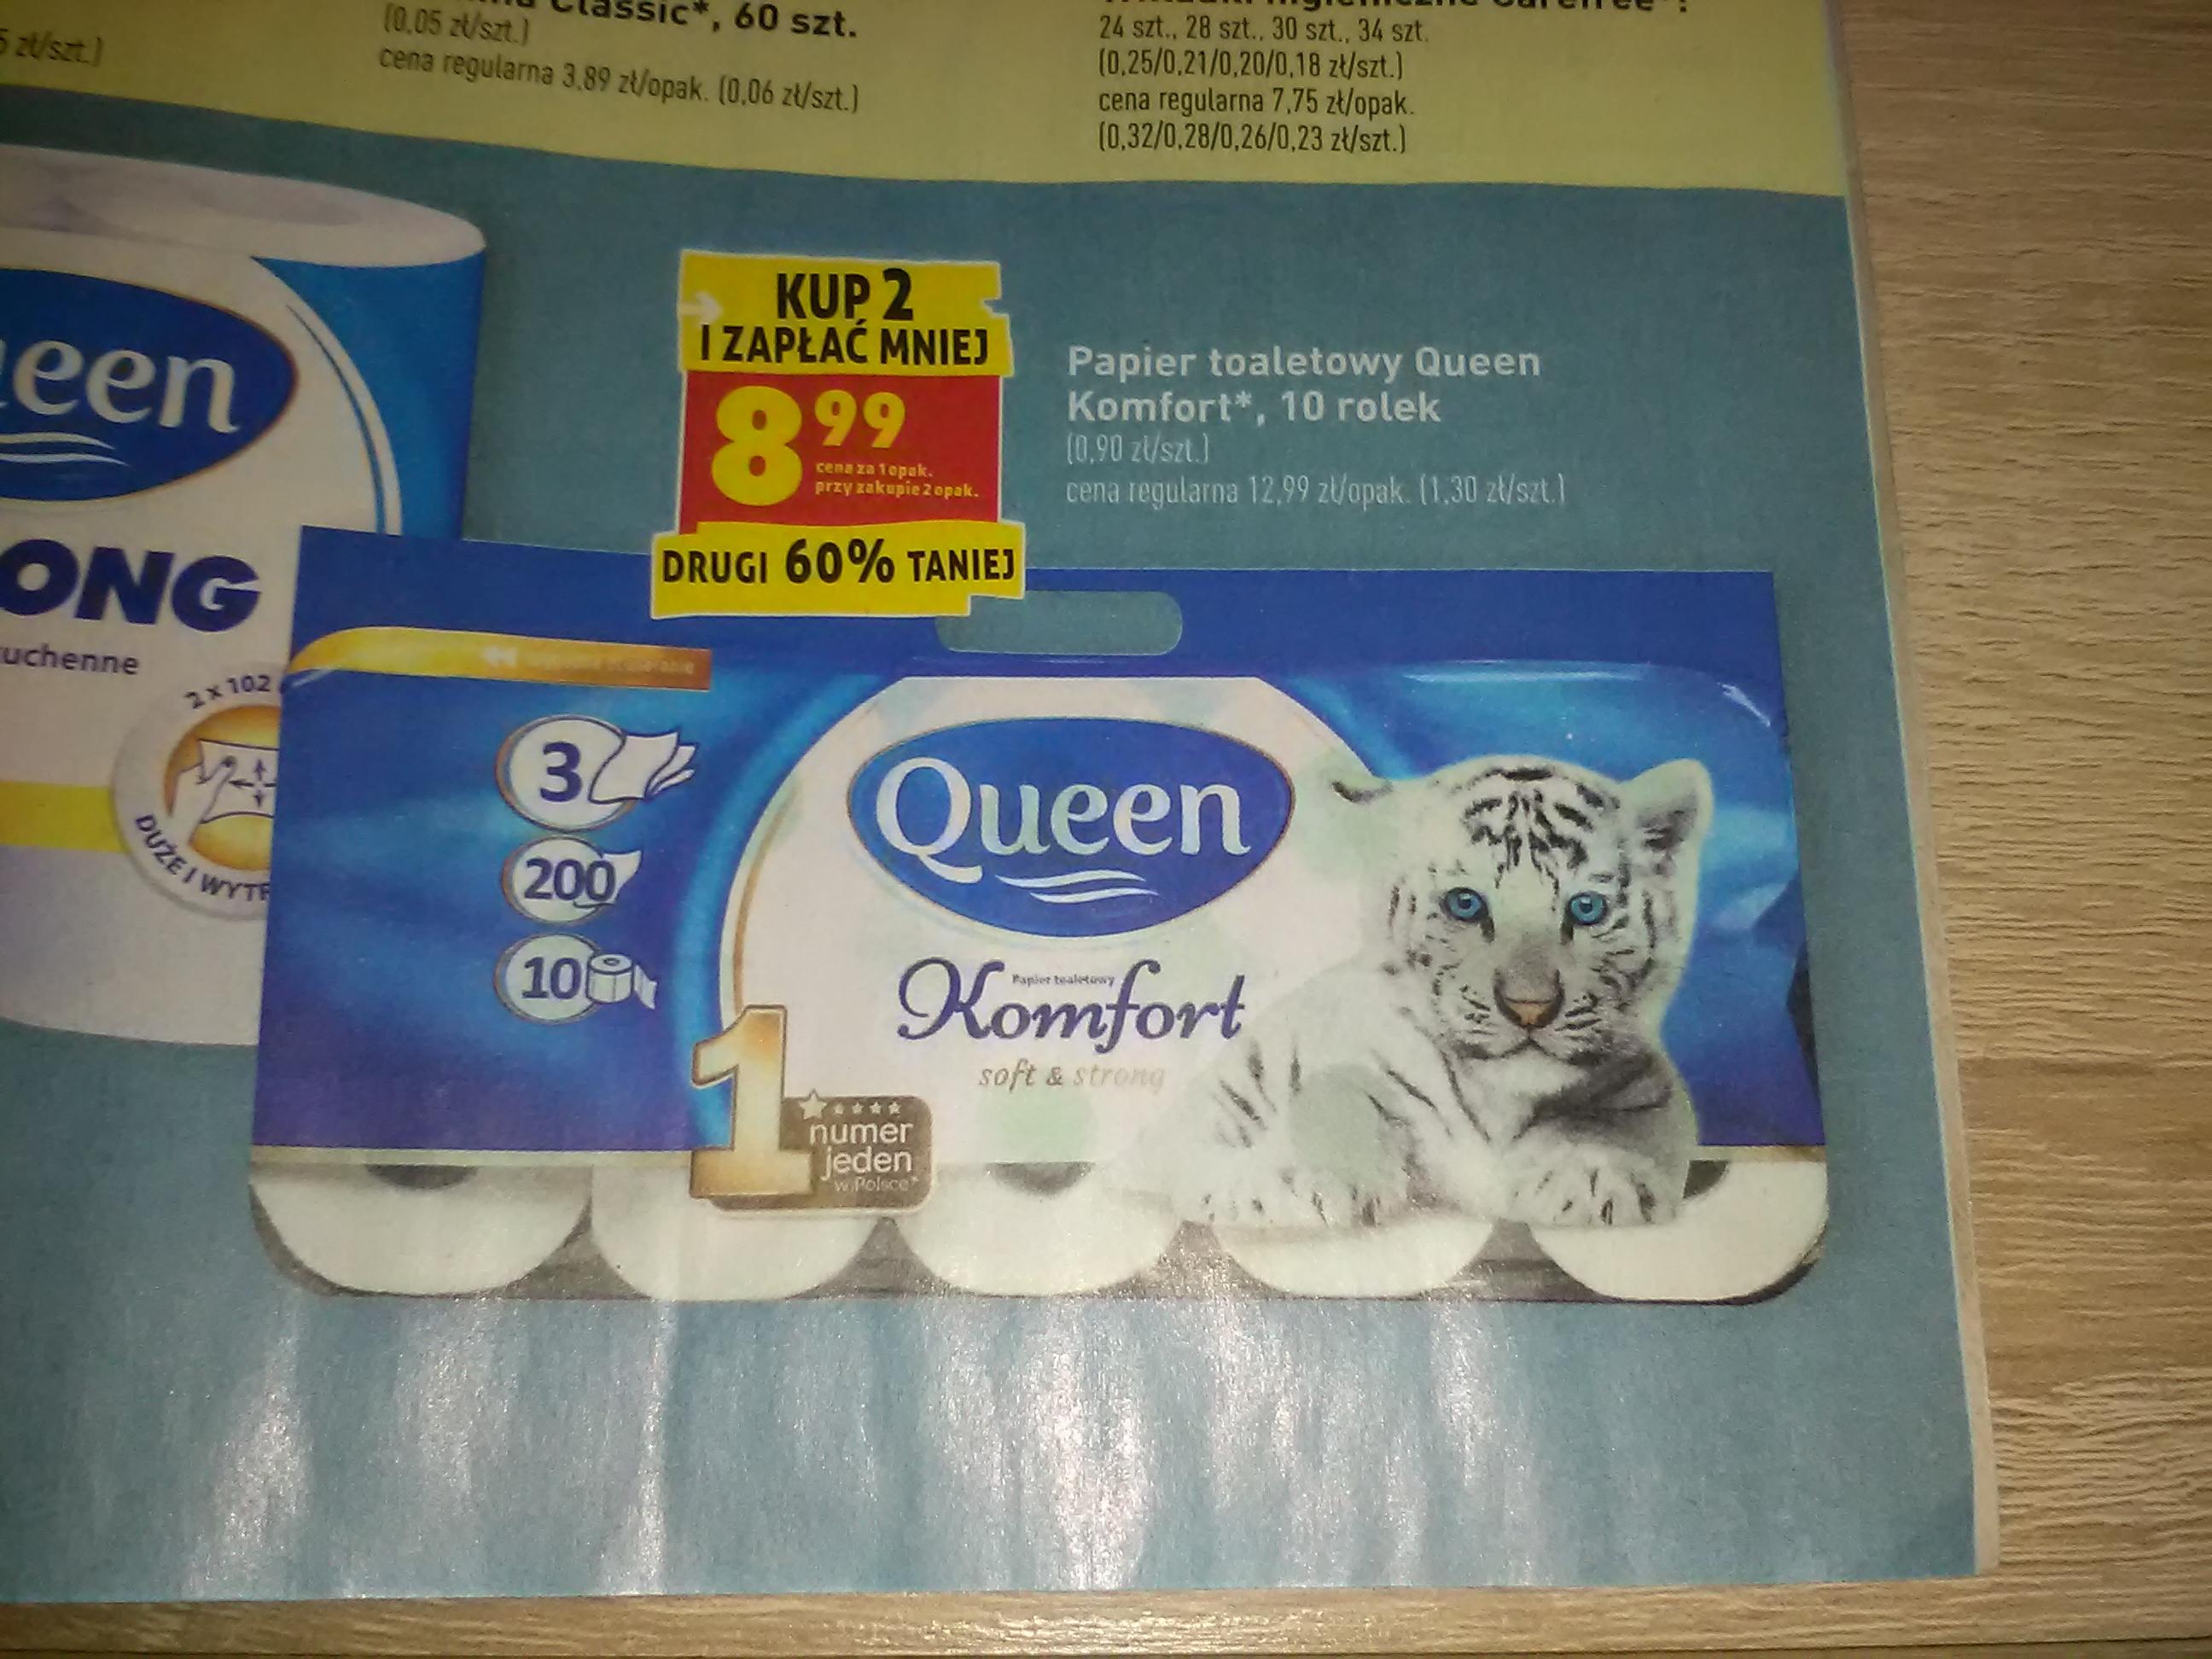 Papier toaletowy queen komfort 10 rolek kup 2 zapłać mniej